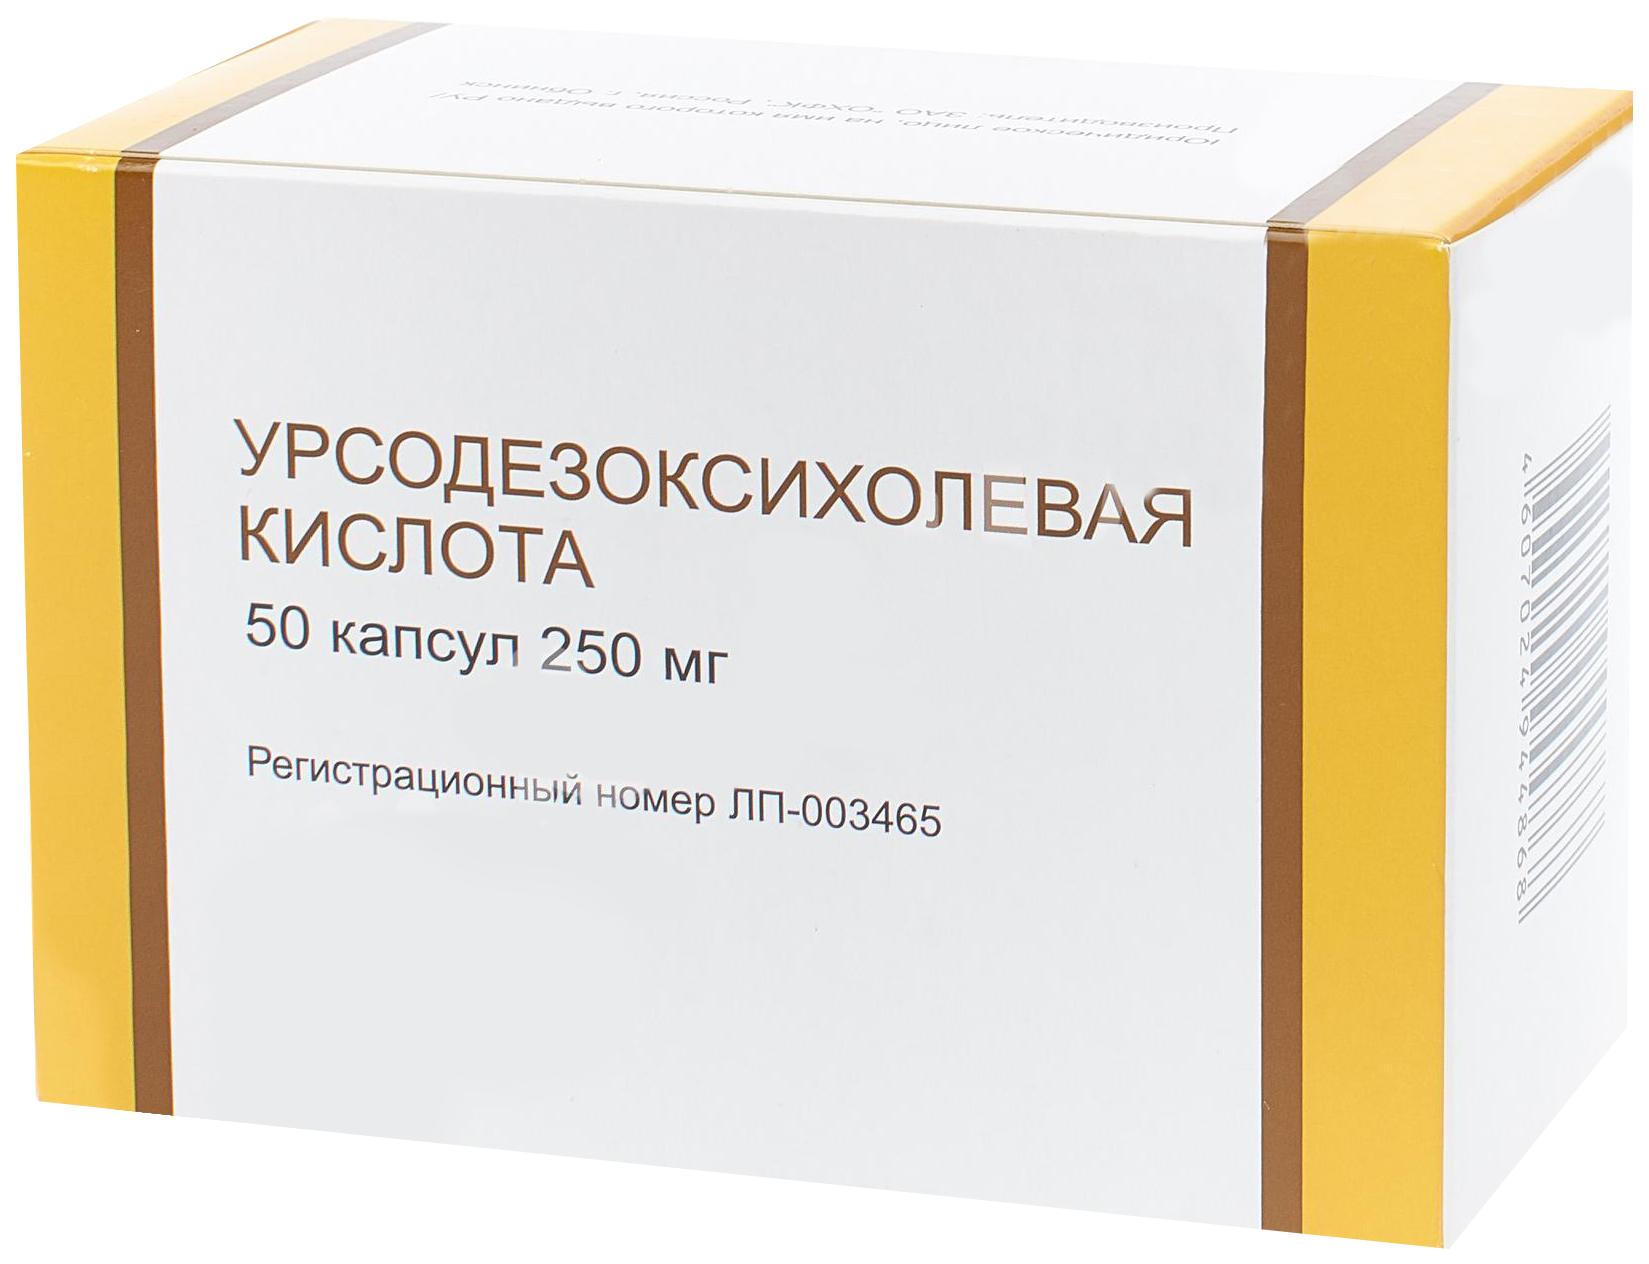 УРСОДЕЗОКСИХОЛЕВАЯ КИСЛОТА 250мг 50 шт. капсулы